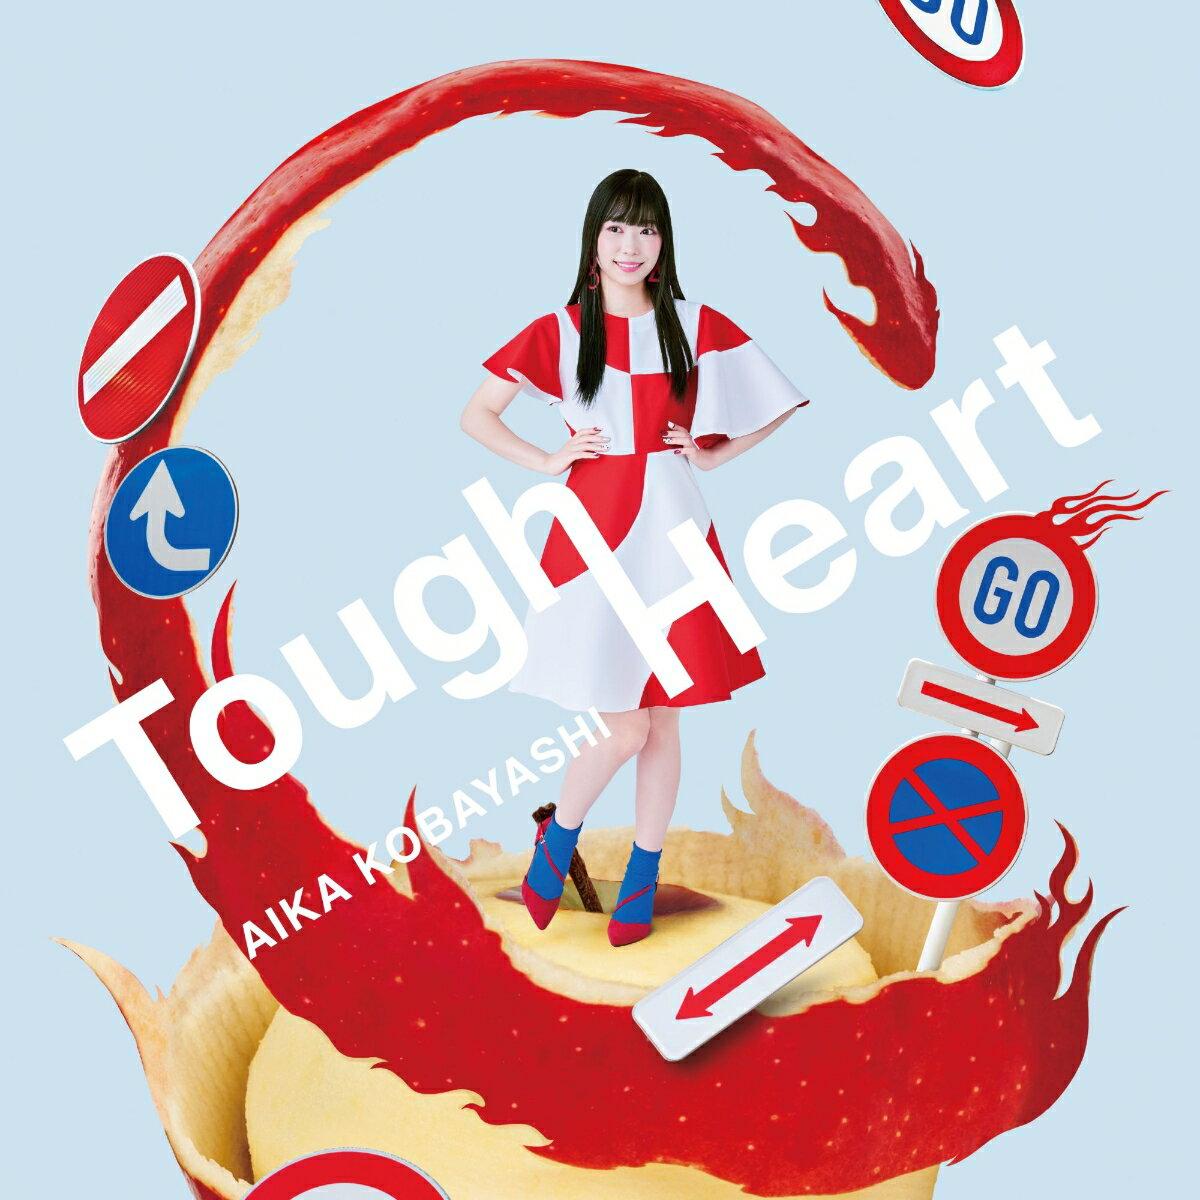 【楽天ブックス限定先着特典】Tough Heart(フォトカード 楽天ブックスVer.(L版))画像